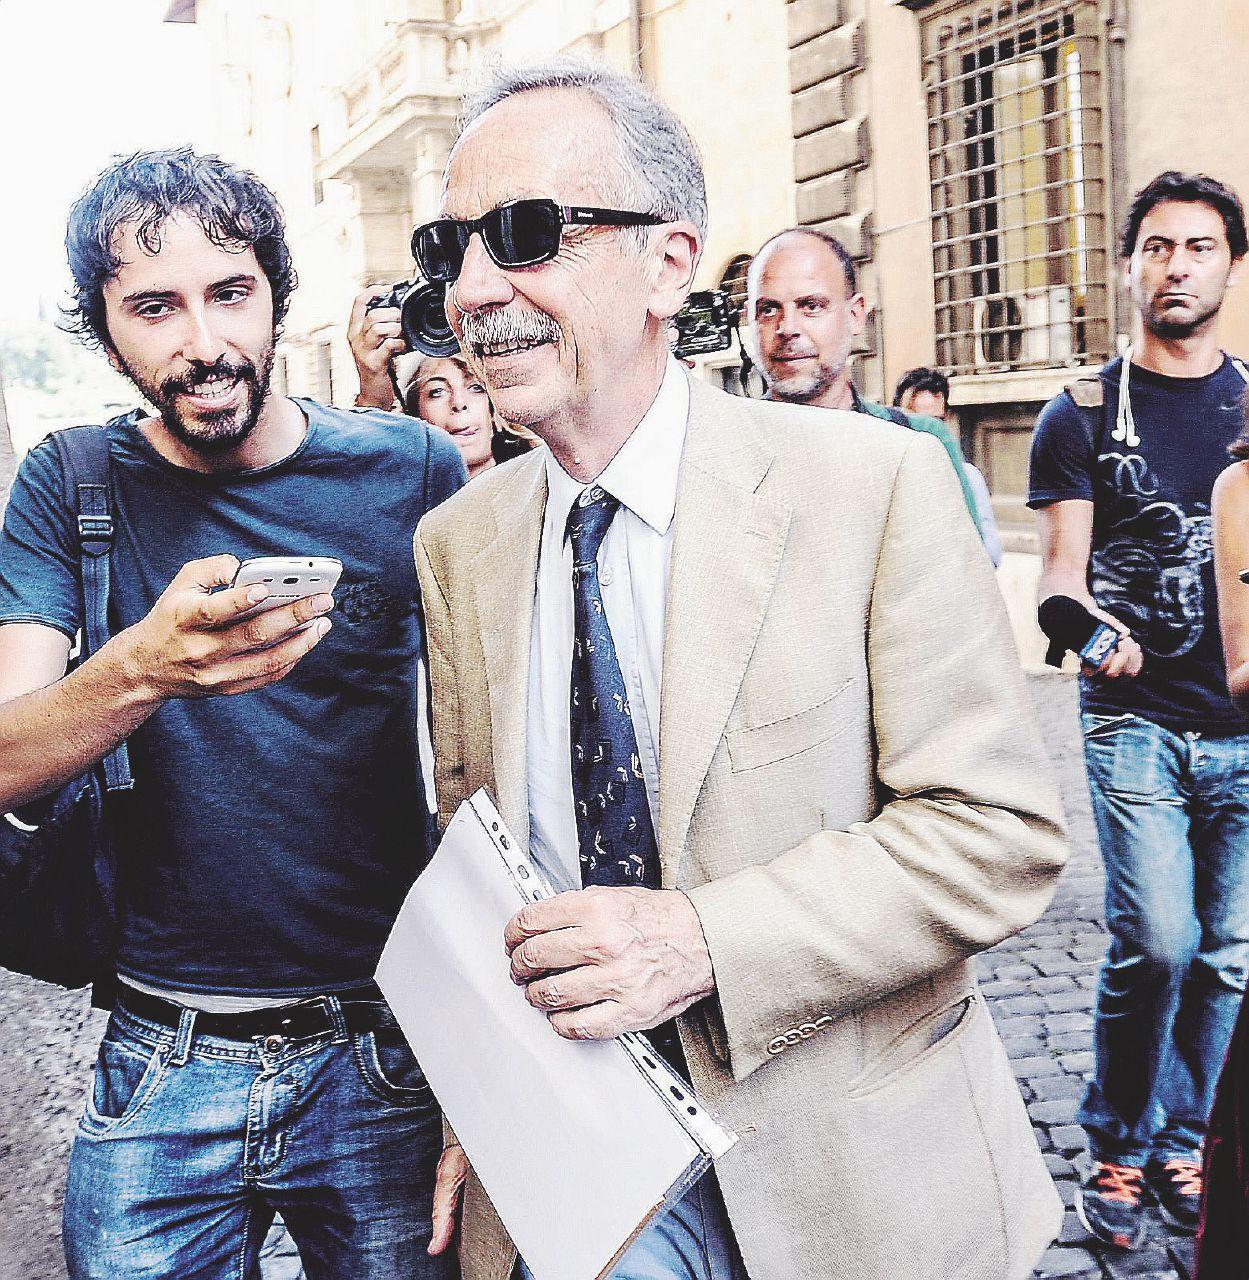 """Berdini: """"Ho lasciato a causa dello stadio"""". Peccato non sia vero"""